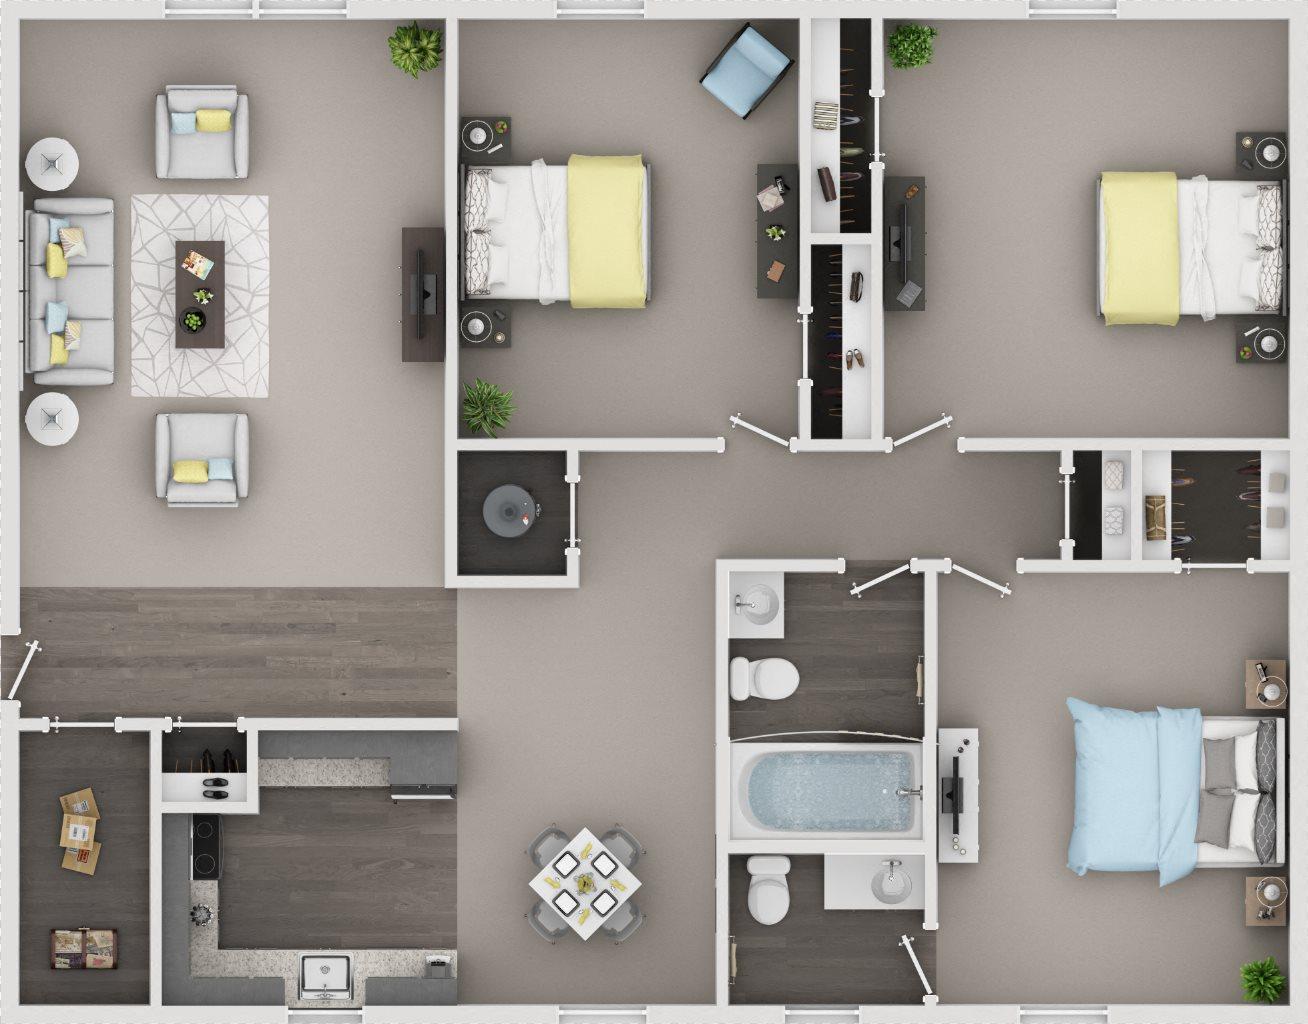 3 Bedroom / 1.5 Bath Floor Plan 4